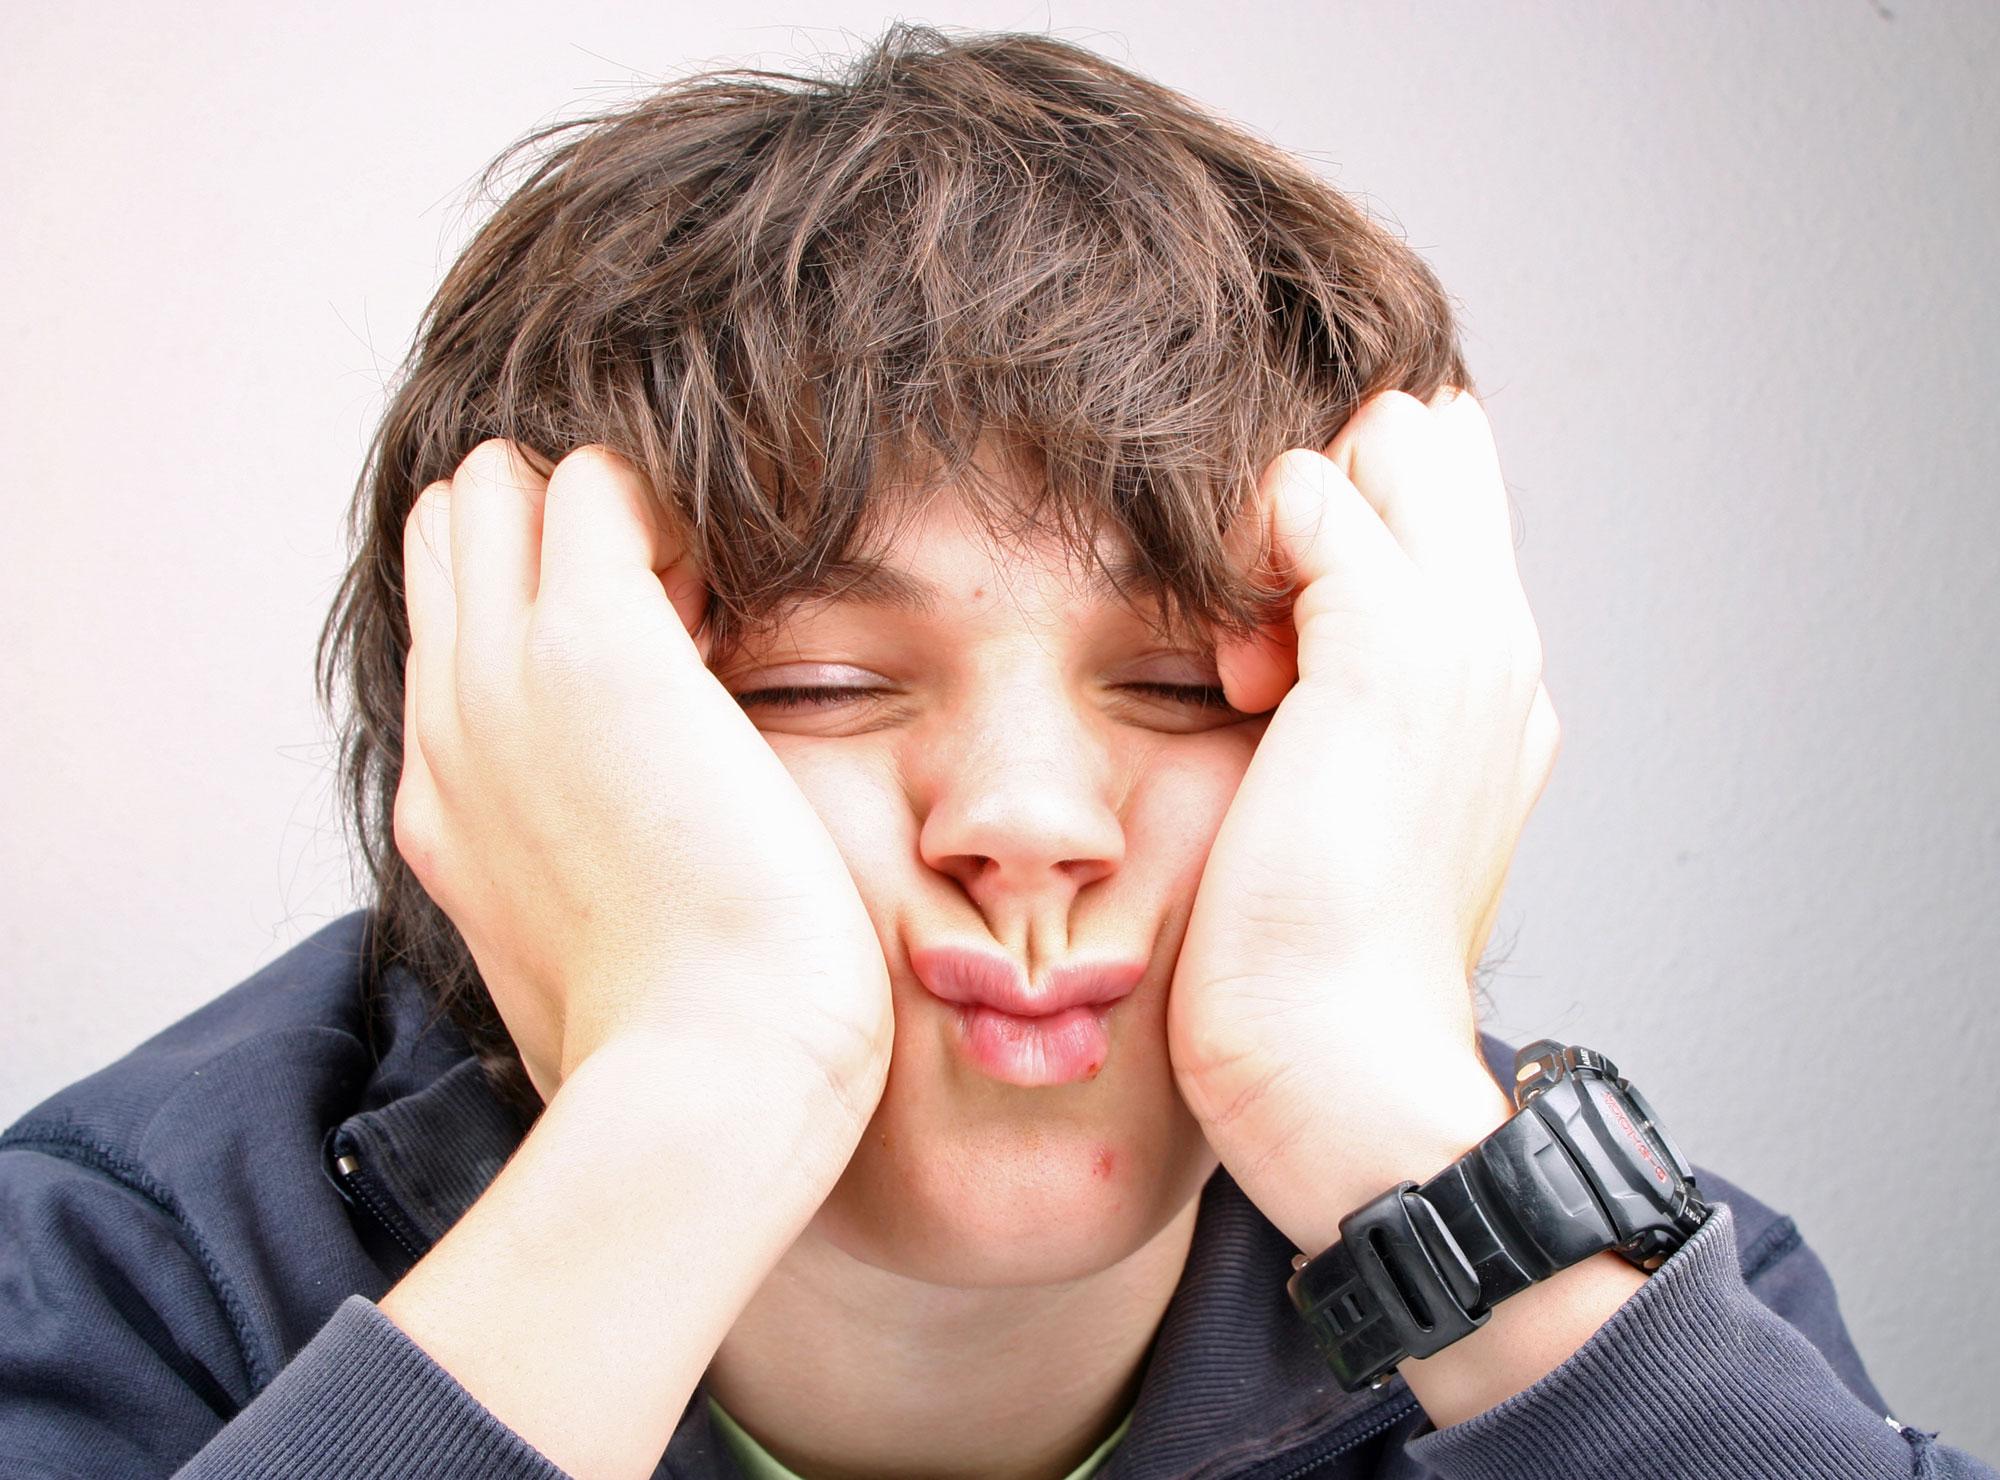 Hilfe, Mein 14-Jähriger Sohn Ist So Antriebslos! verwandt mit Mein Kind Hat Keine Freunde In Der Schule